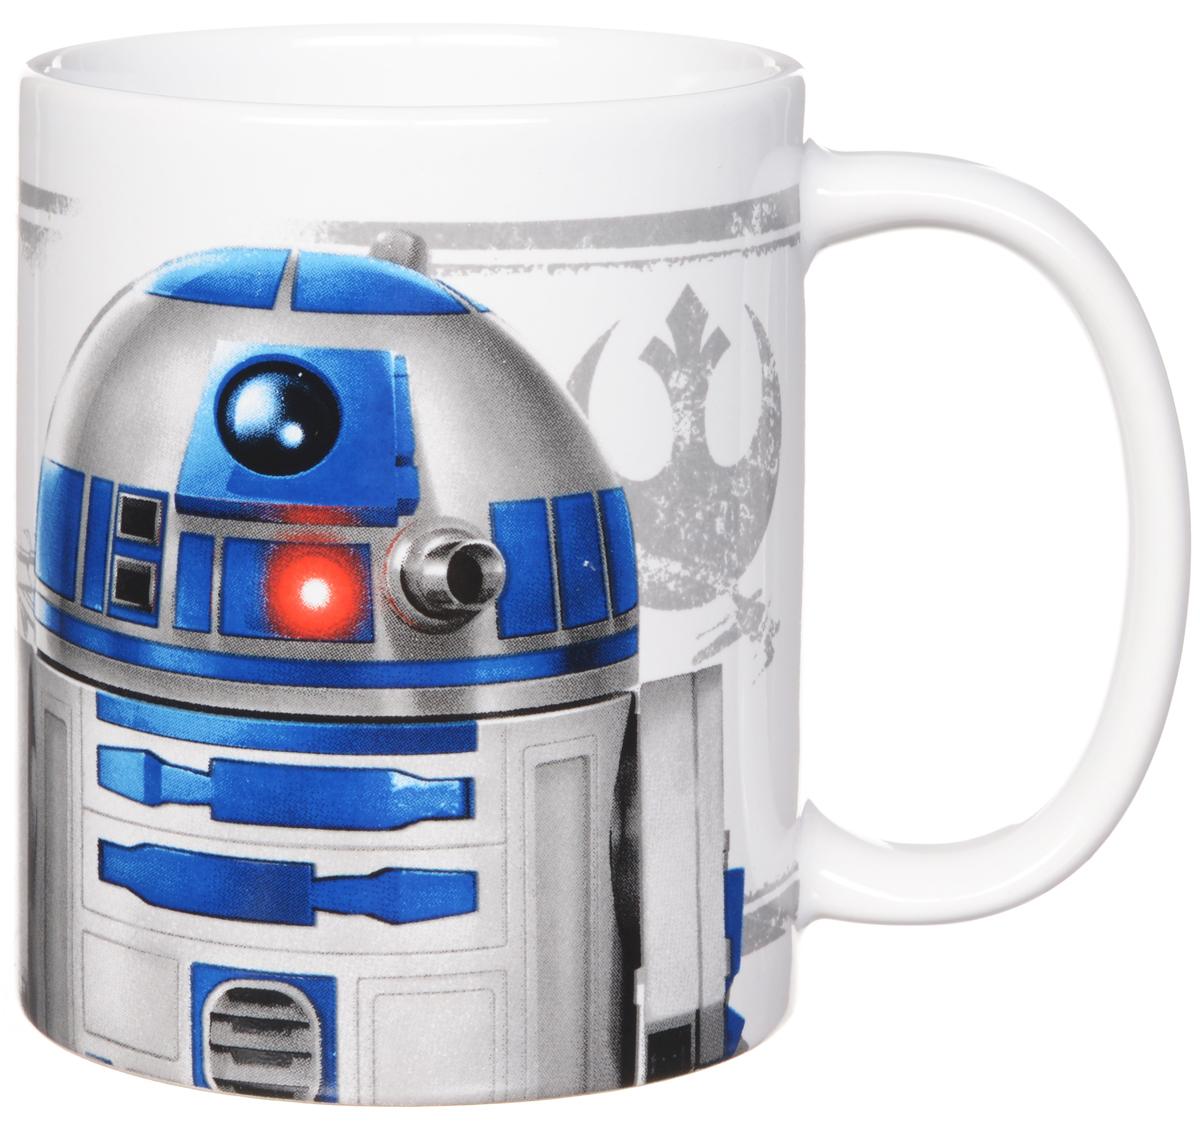 Star Wars Кружка детская R2D2 350 мл115510Детская кружка Star Wars R2D2 станет отличным подарком для любого фаната знаменитой саги. Она выполнена из керамики белого цвета и оформлена рисунком с изображением одного из главных героев Звездных войн дроида R2D2. Большая ручка обеспечит удобство использования.Объем кружки: 350 мл.Подходит для использования в посудомоечной машине и СВЧ-печи.